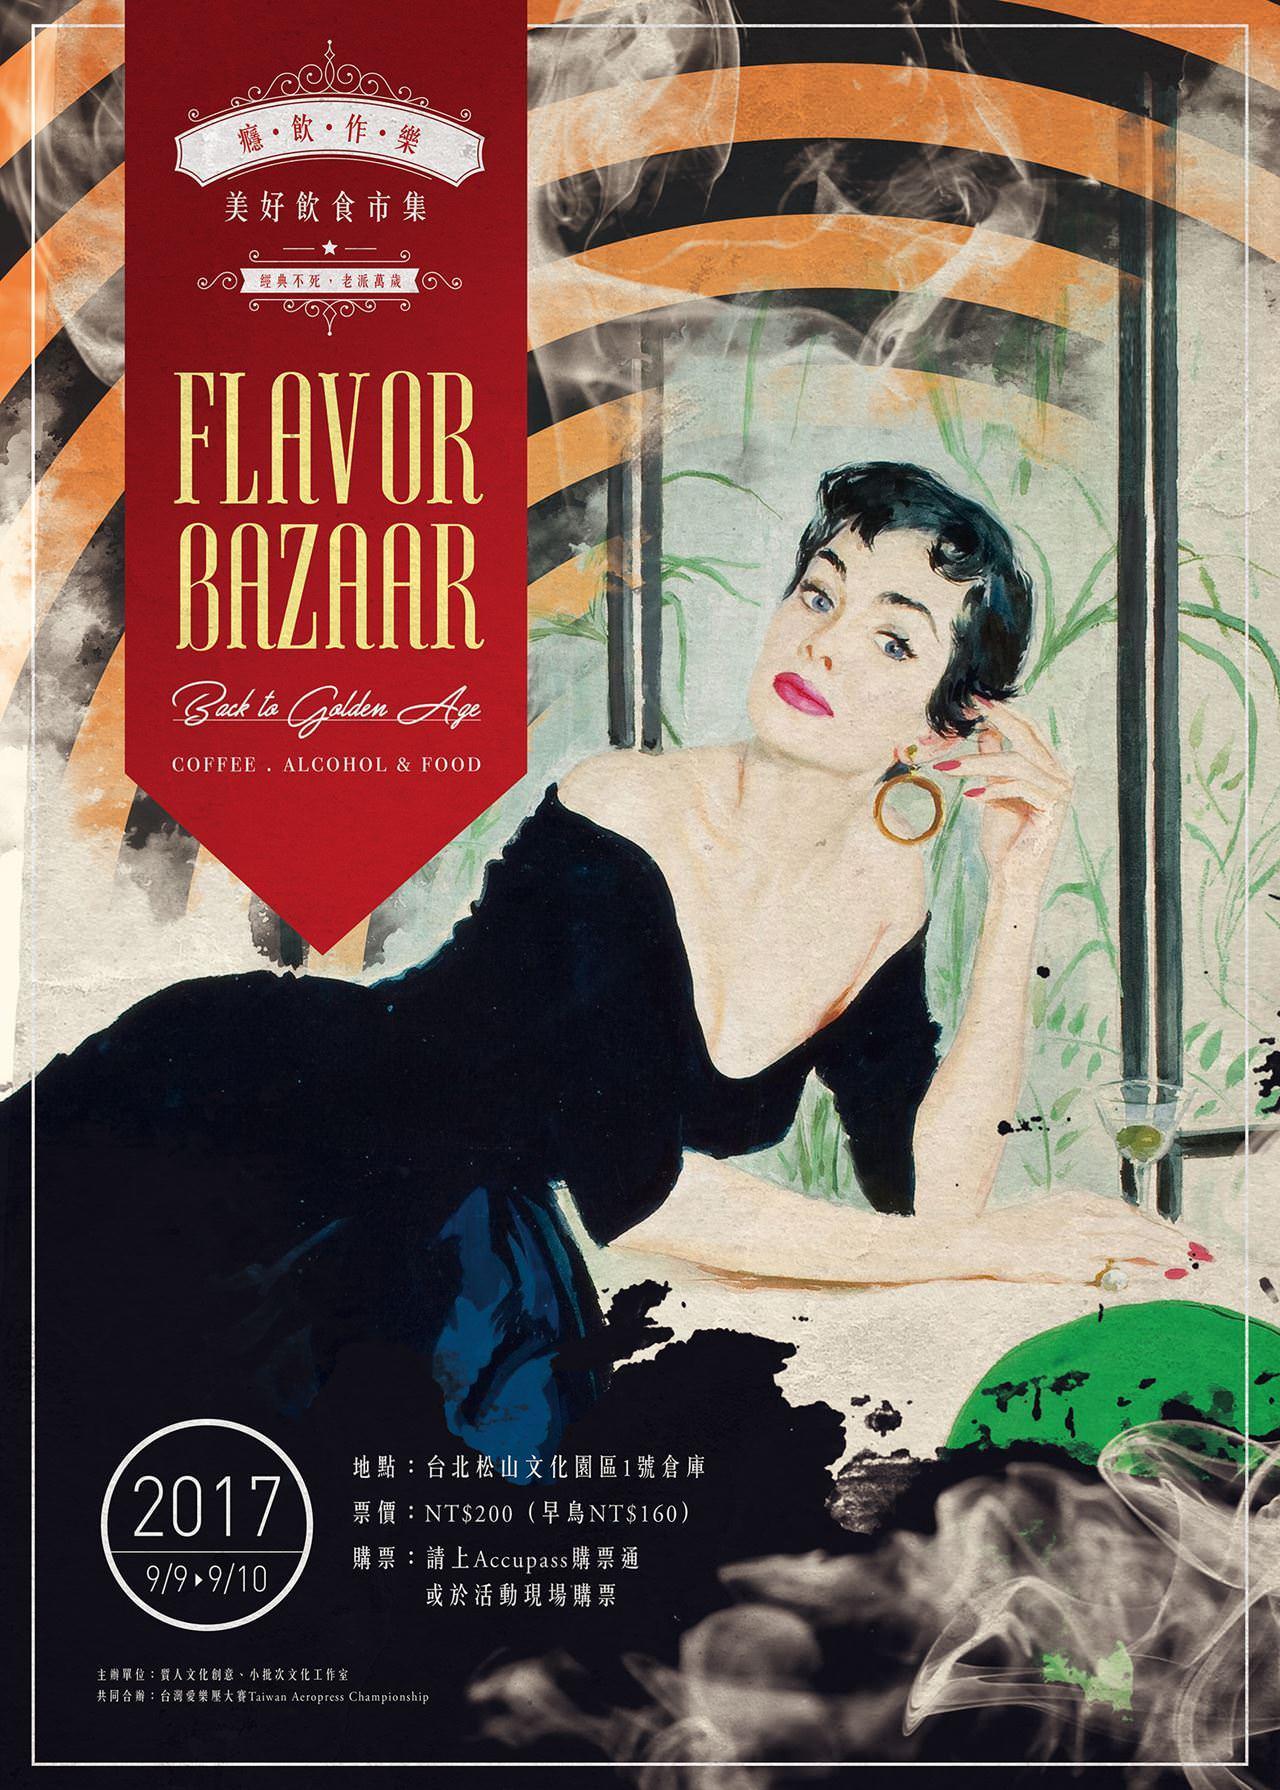 咖啡活動 | Flavor Bazaar:經典不死,老派萬歲!癮飲作樂美好飲食市集